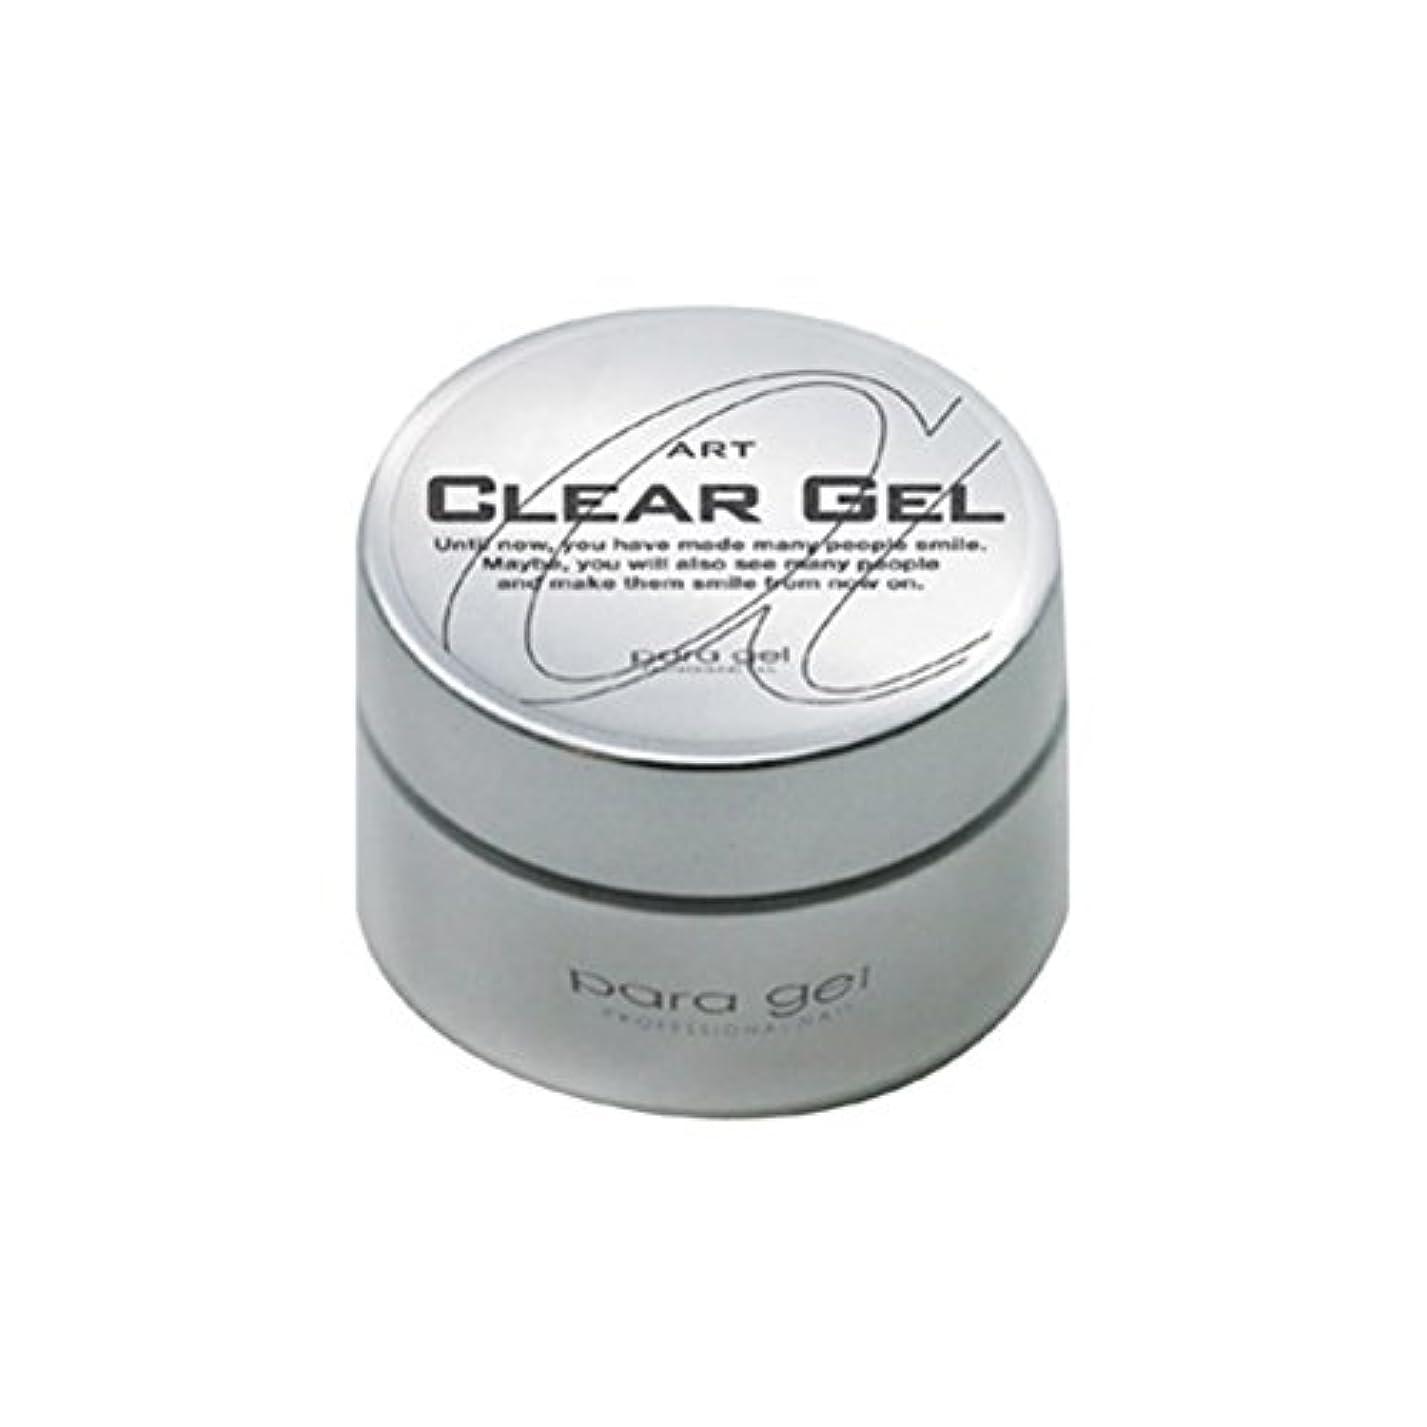 支出によると不合格para gel アートクリアジェル 10g サンディング不要のベースジェル